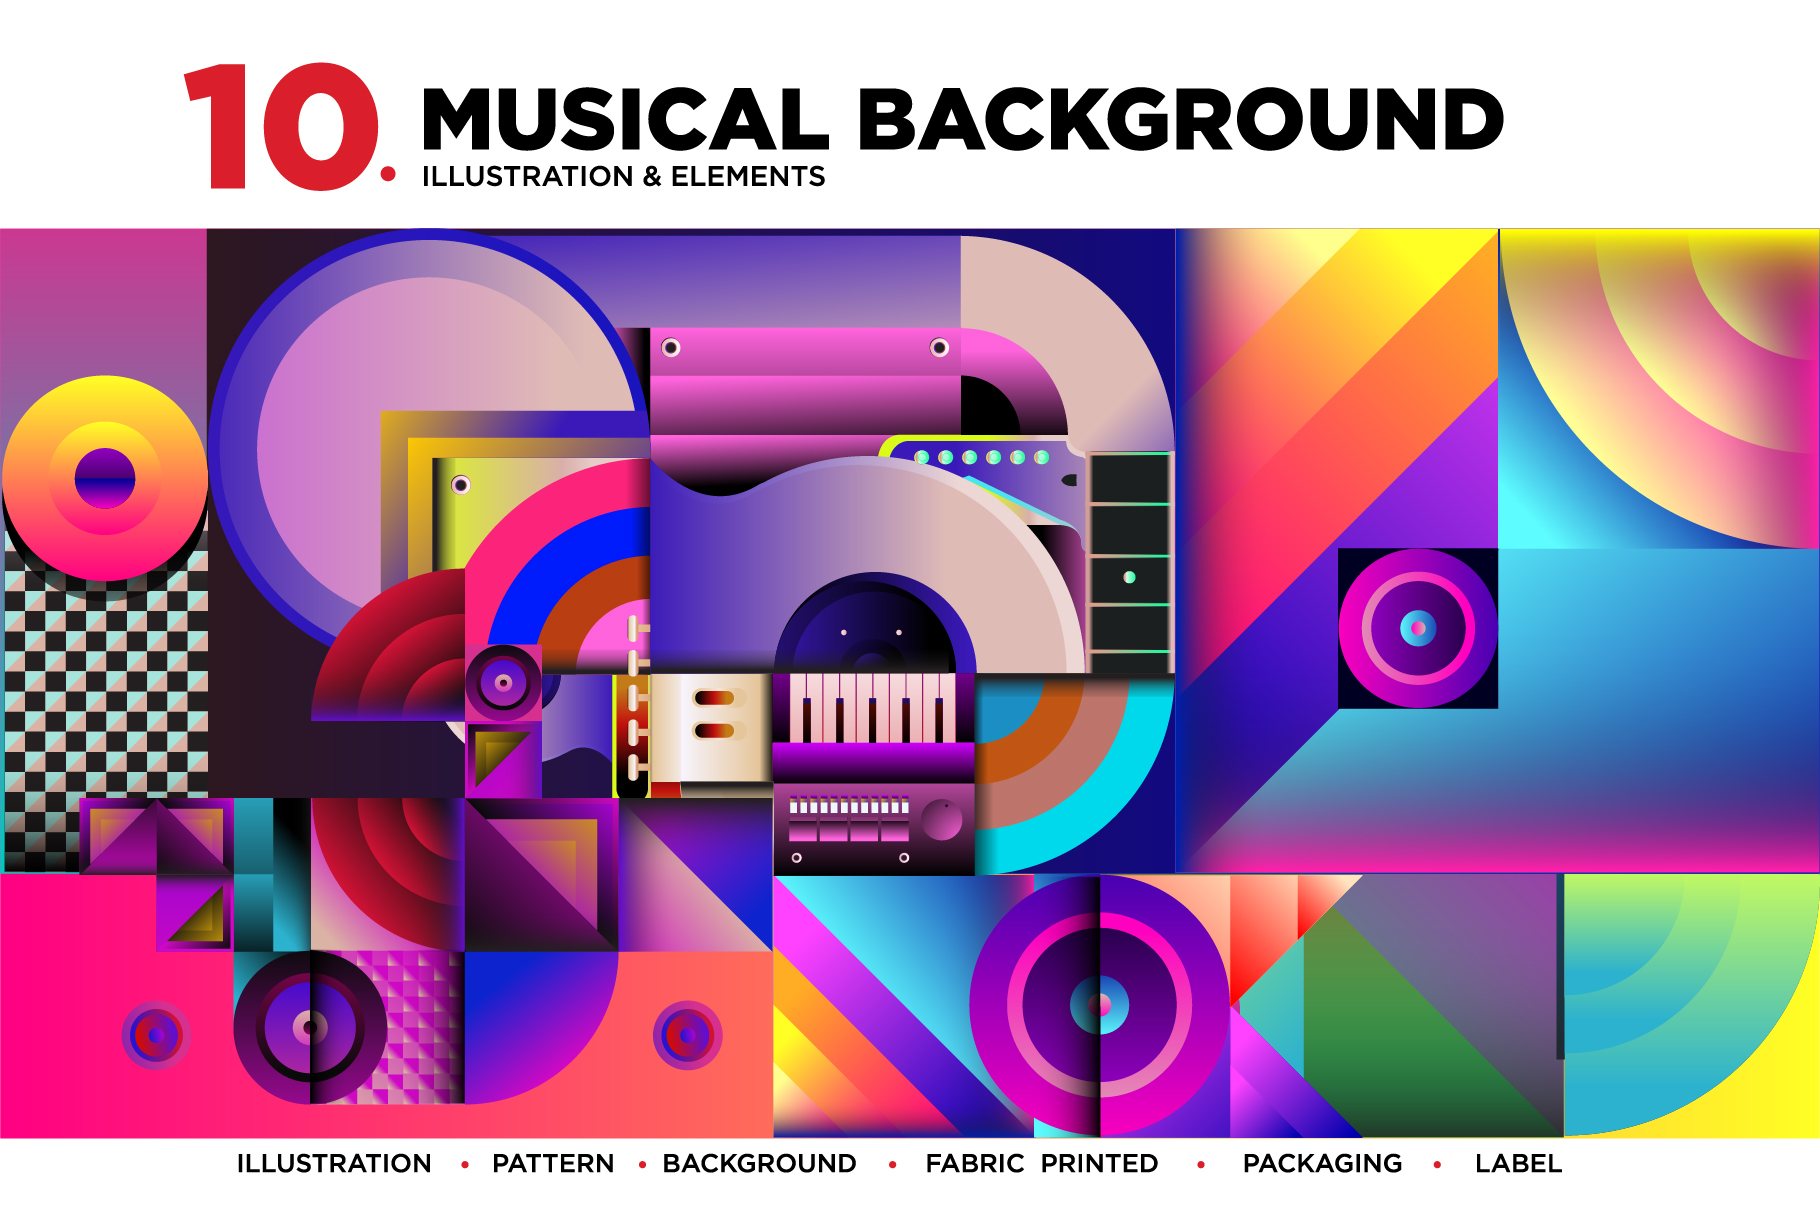 10 Music Illustration Background example image 1